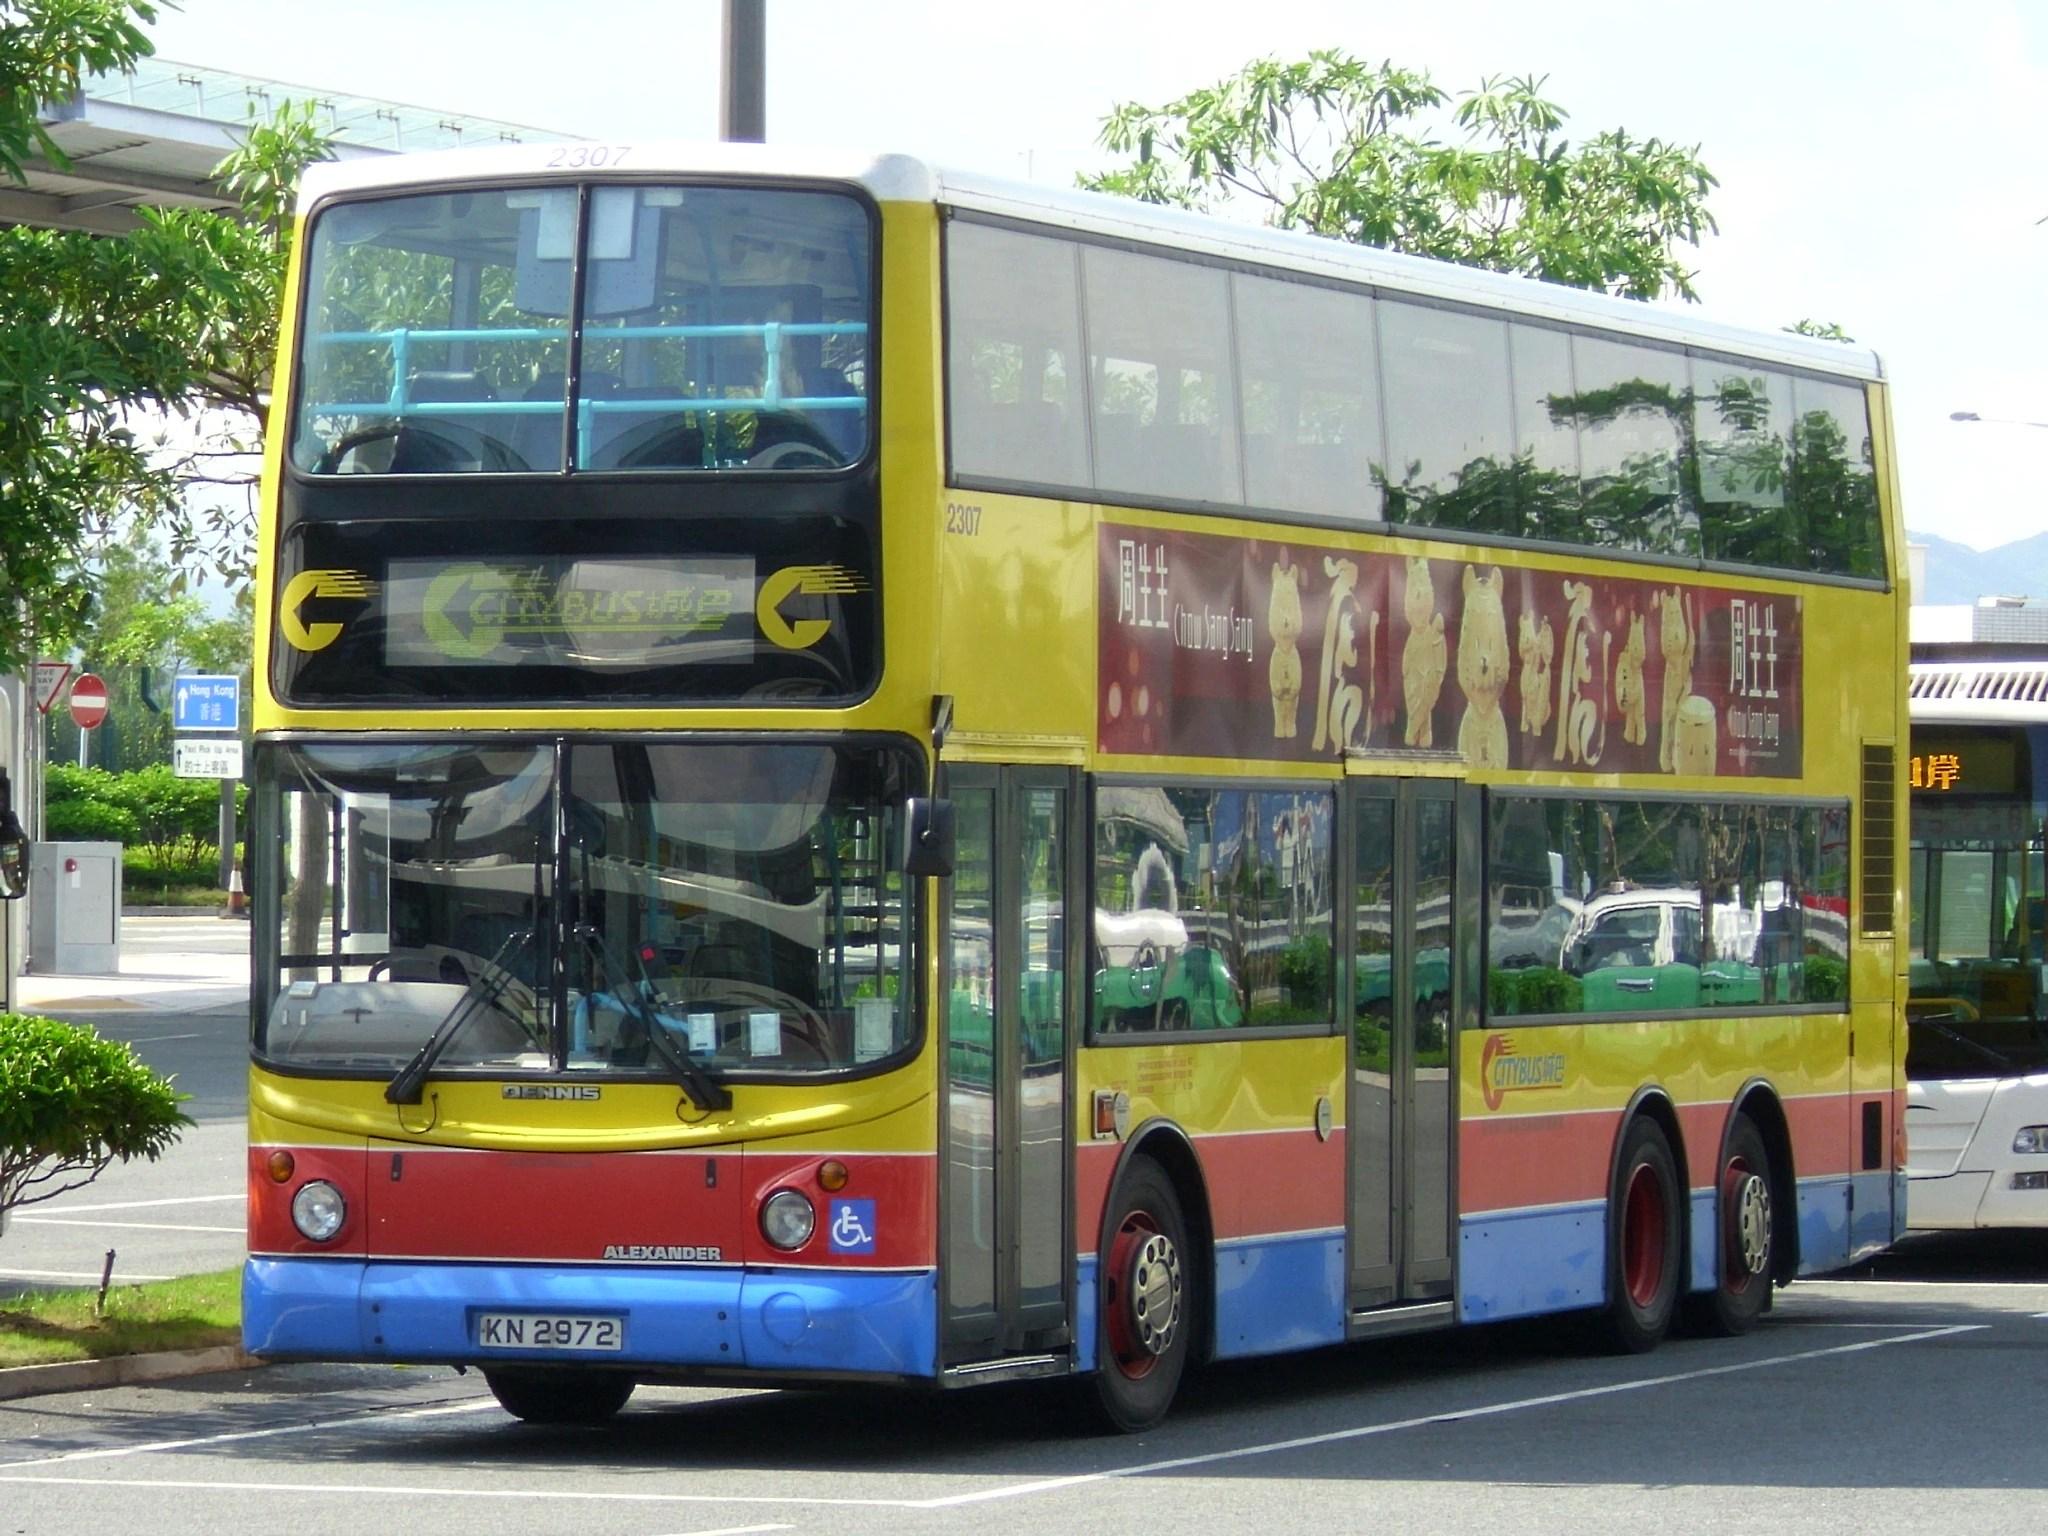 香港a10巴士路線-香港a10巴士價格-香港機場a10巴士路線-香港a10巴士時間-香港機場到西營盤 a10-香港機場巴士a10線